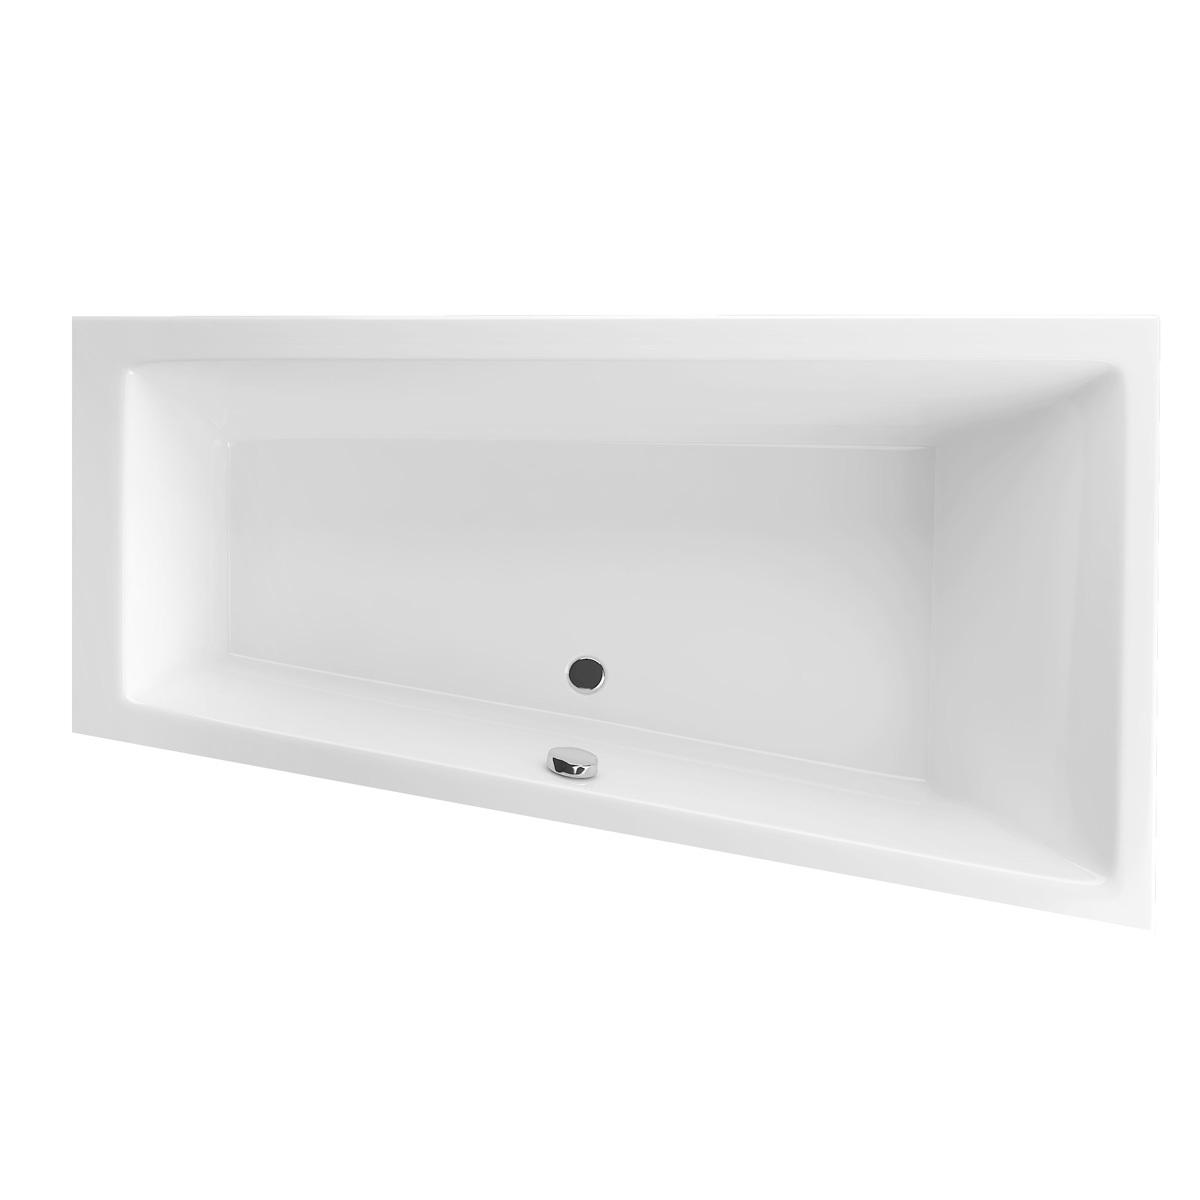 Акриловая ванна Excellent M-Sfera Slim 160x95 правая